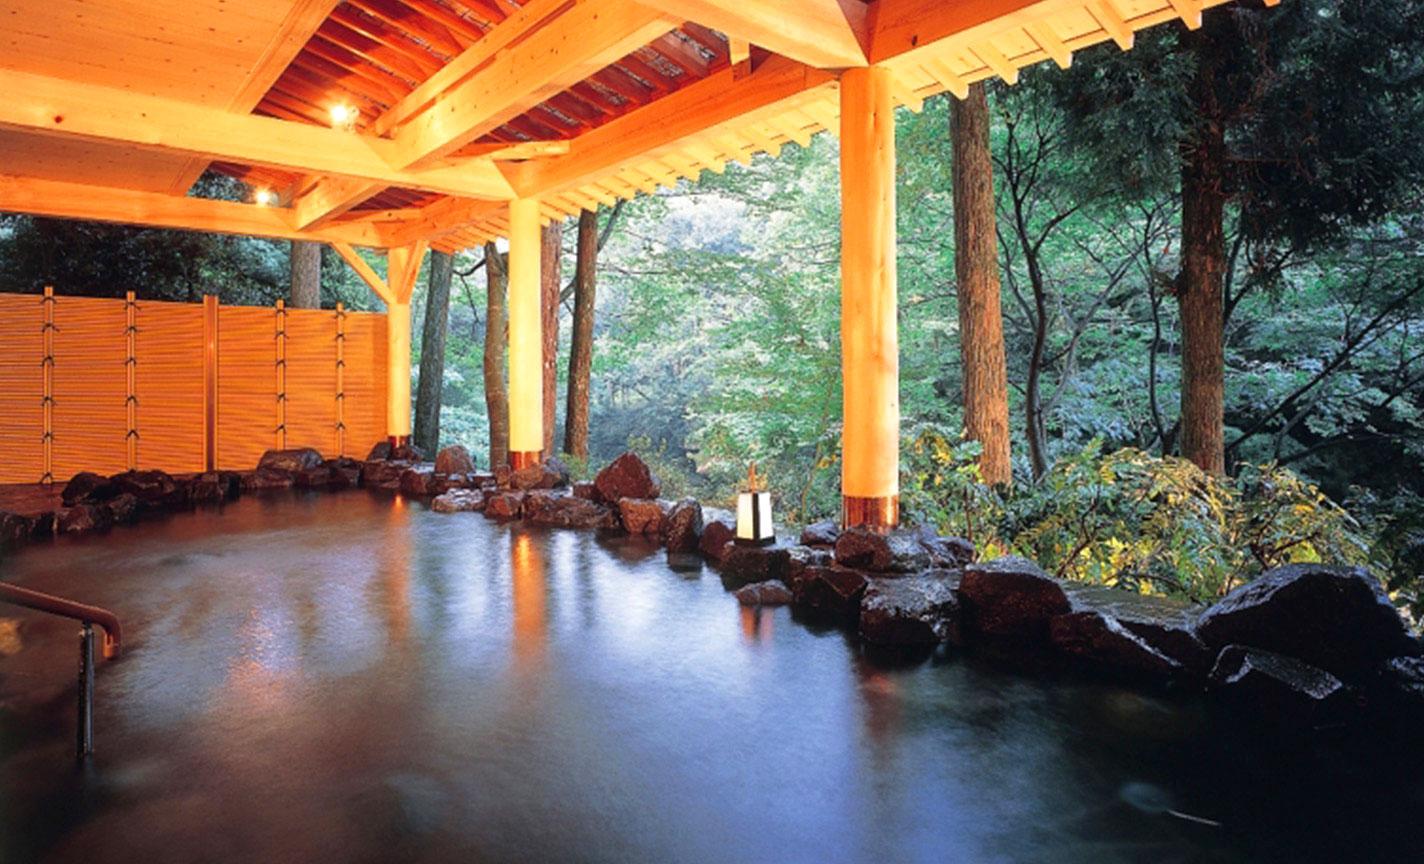 富山、石川、福井走透透 北陸日本文化體驗5天4夜之旅